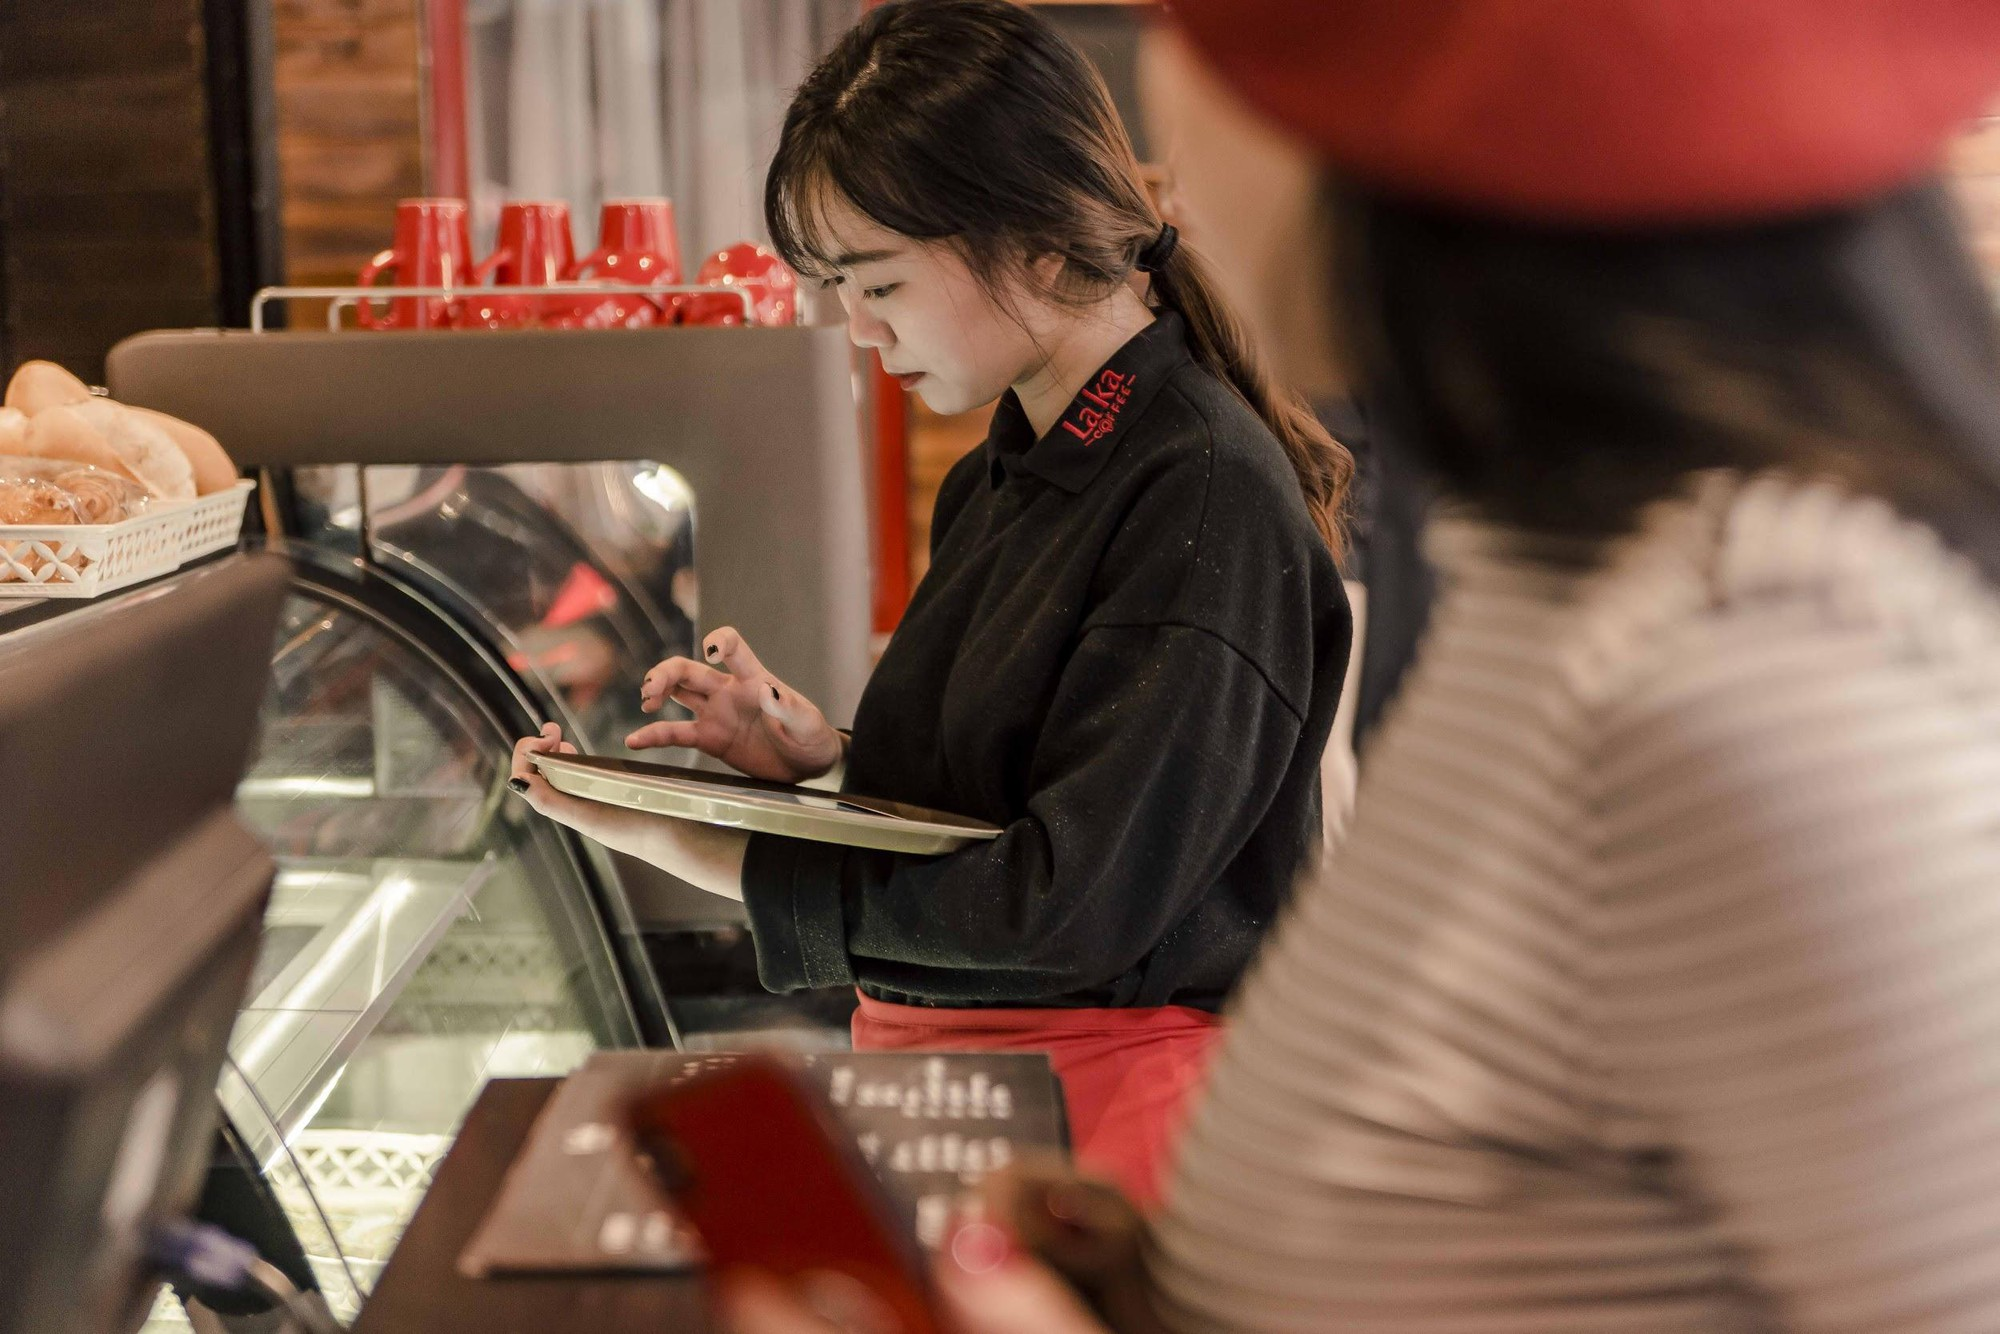 Quán cà phê đỏ rực như Paris tại Hà Nội mà bạn nhất định phải check-in dịp Tết này - Ảnh 5.